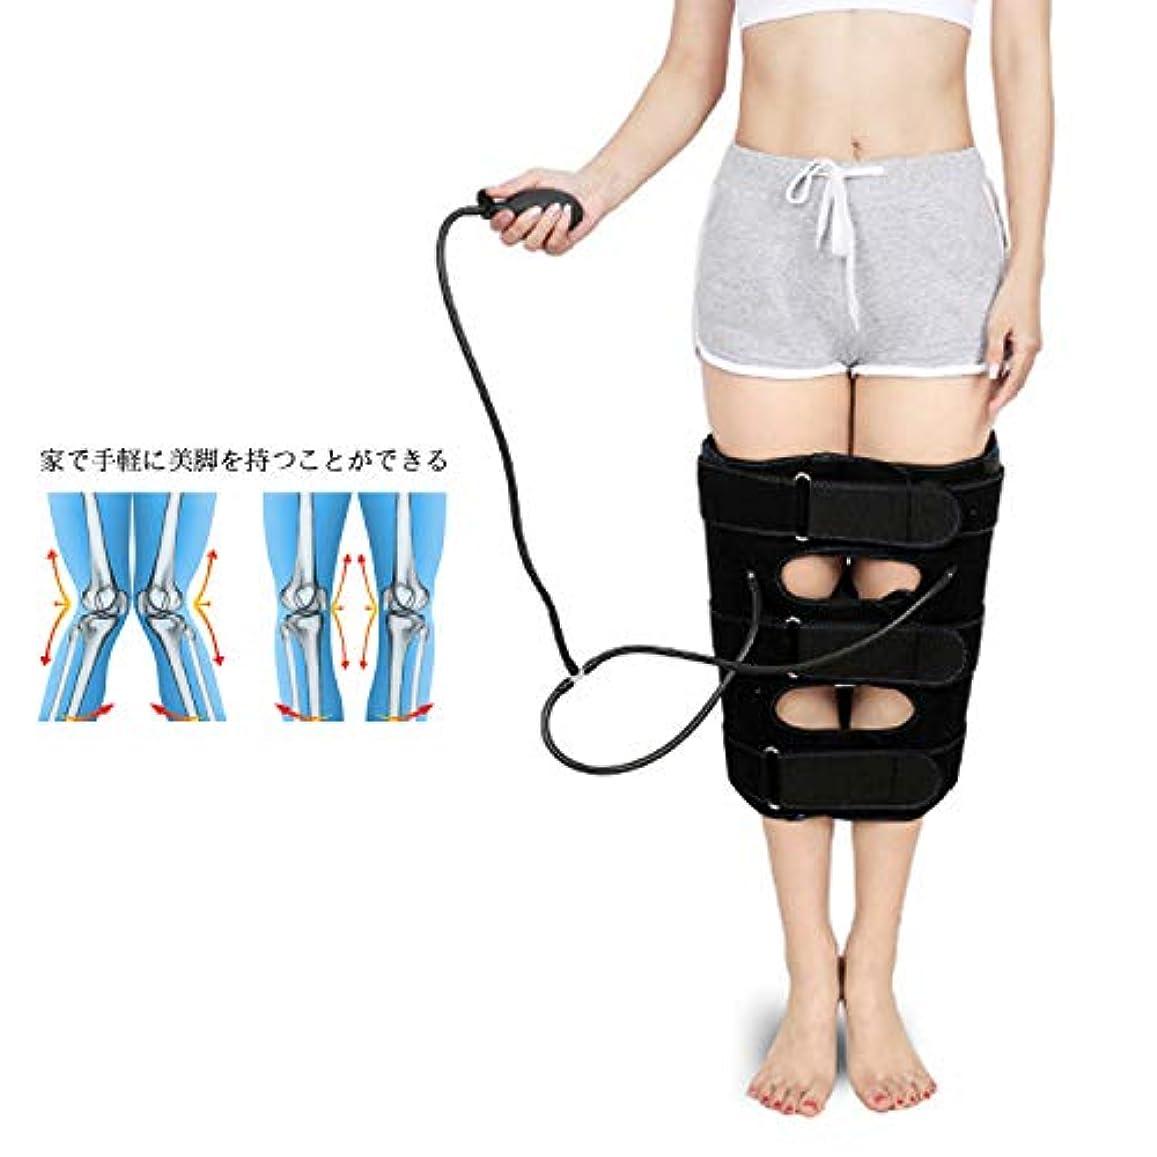 科学的まだら倒錯アルミ板付き 脚矯正包帯ベルト 調節可能ユニセックス O/X型脚姿勢矯正ノック 膝形状矯正バンド 包帯強化型デイナイトデュアル エアバッグ付き